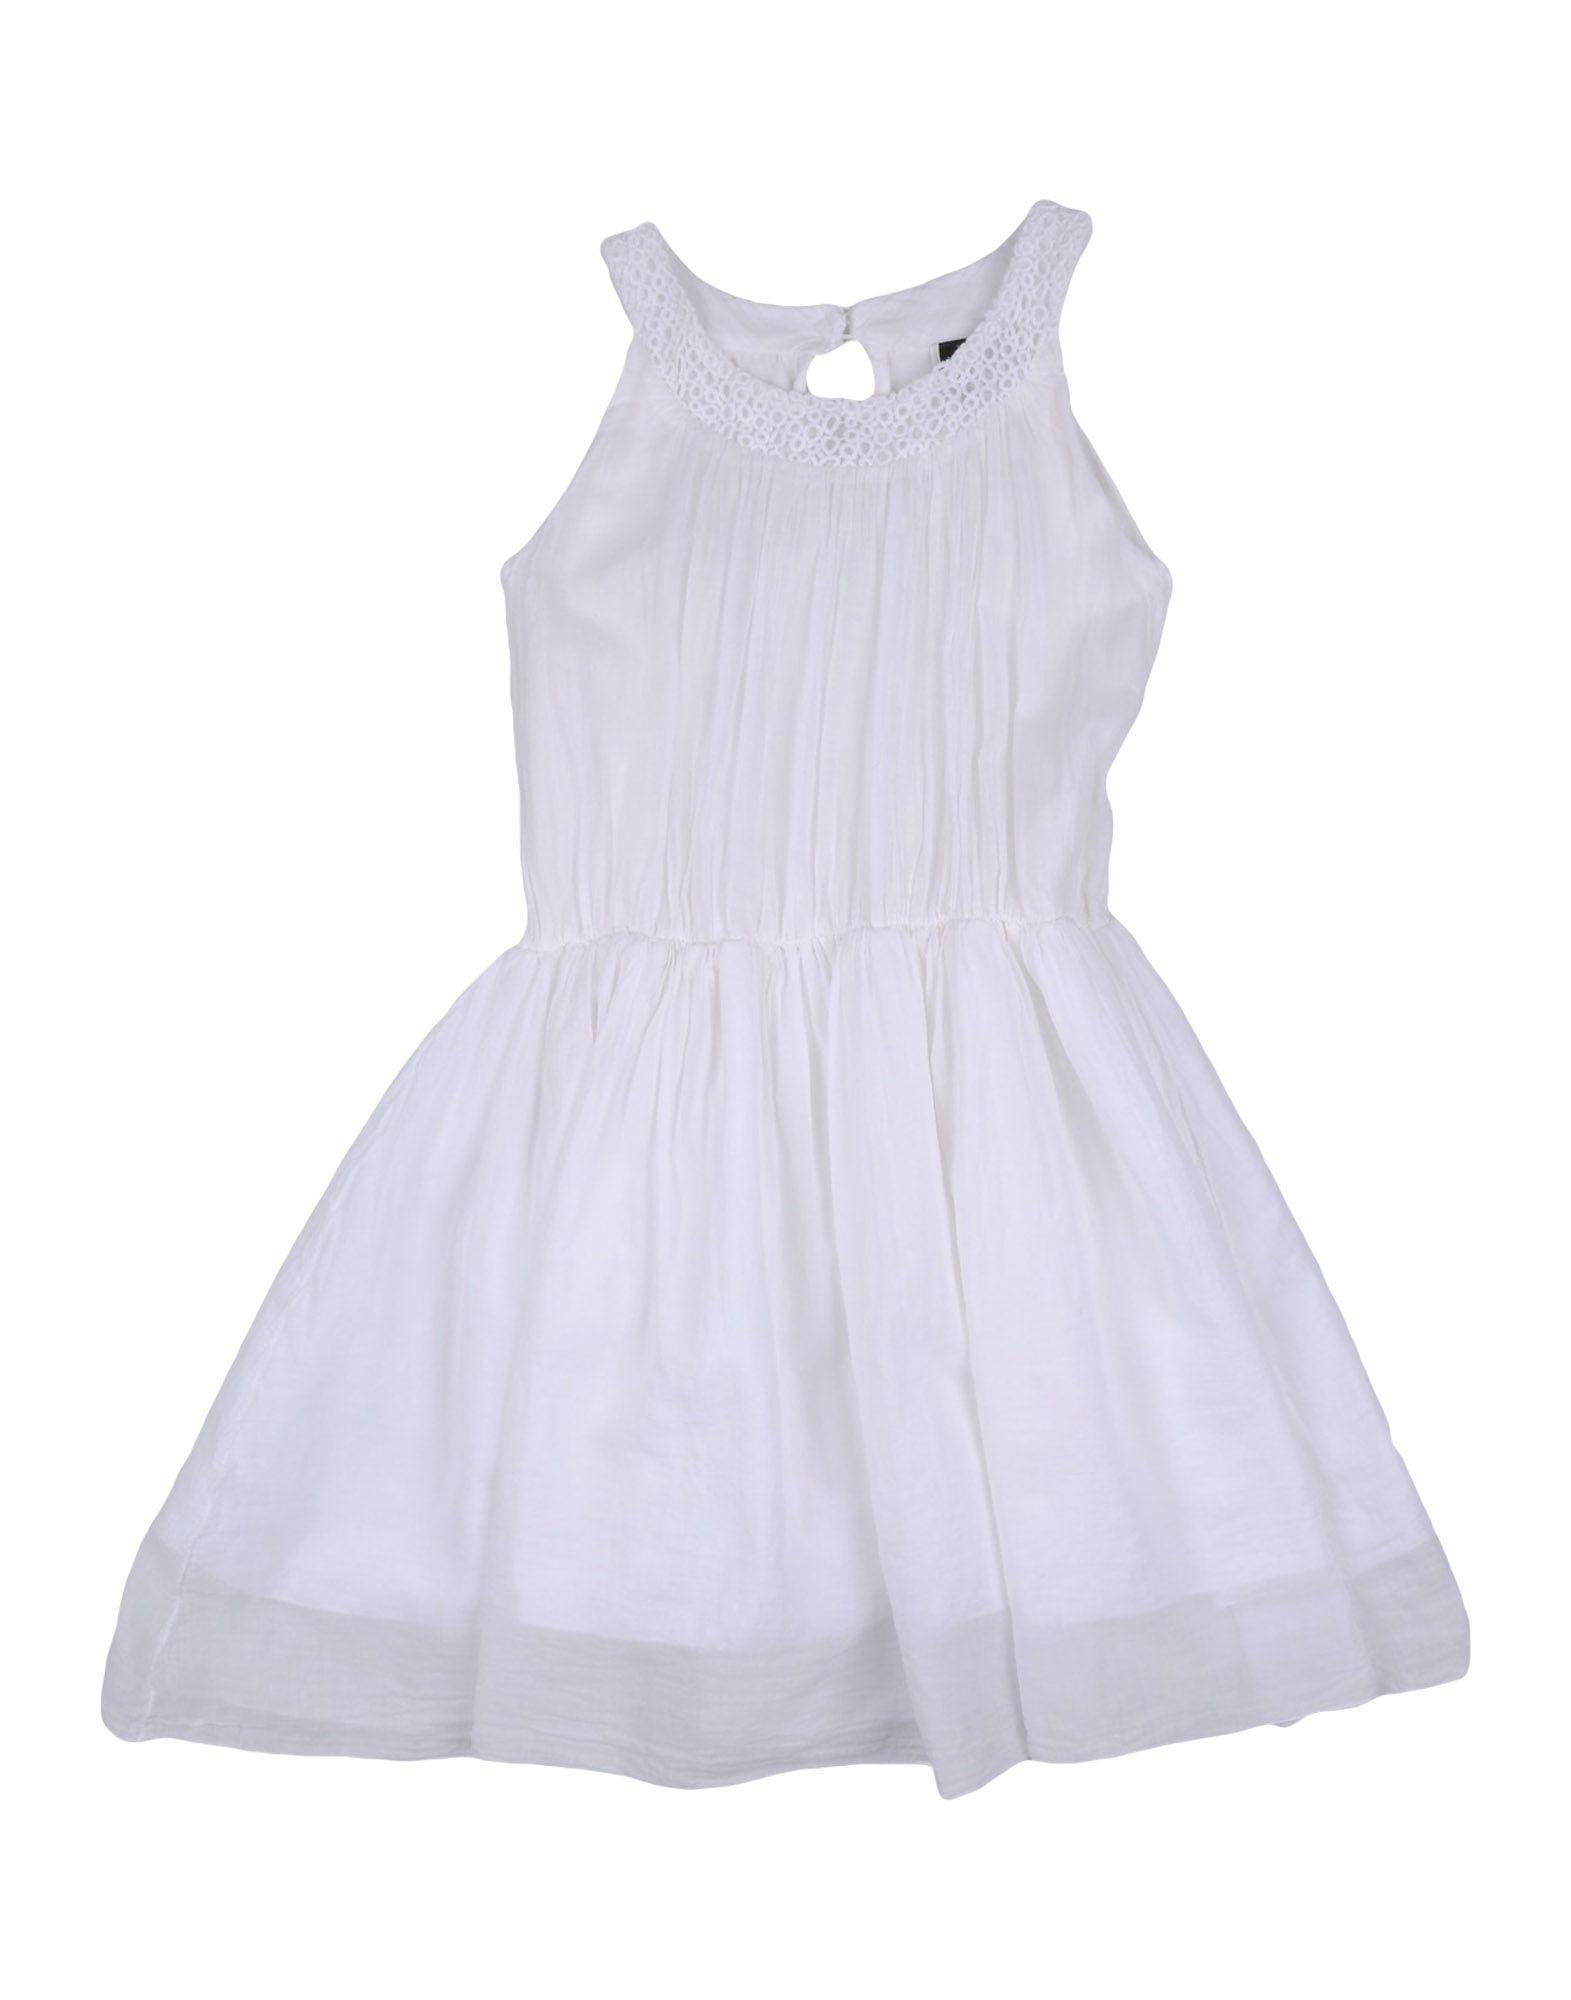 EUROPEAN CULTURE Mädchen 3-8 jahre Kleid Farbe Weiß Größe 2